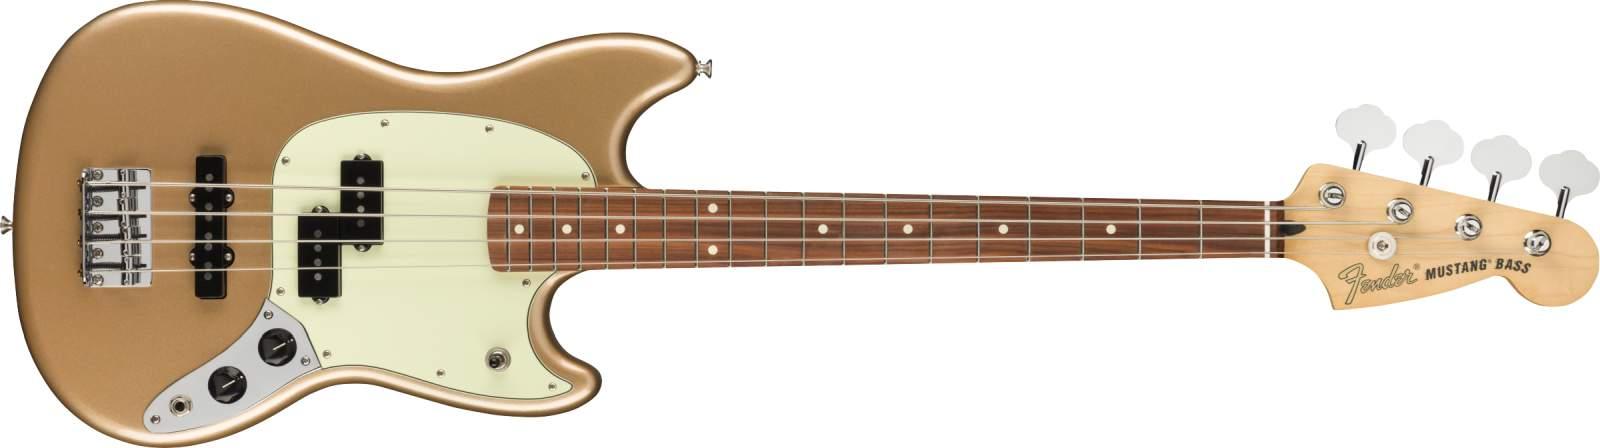 Fender Player Mustang Bass PJ PF FMG